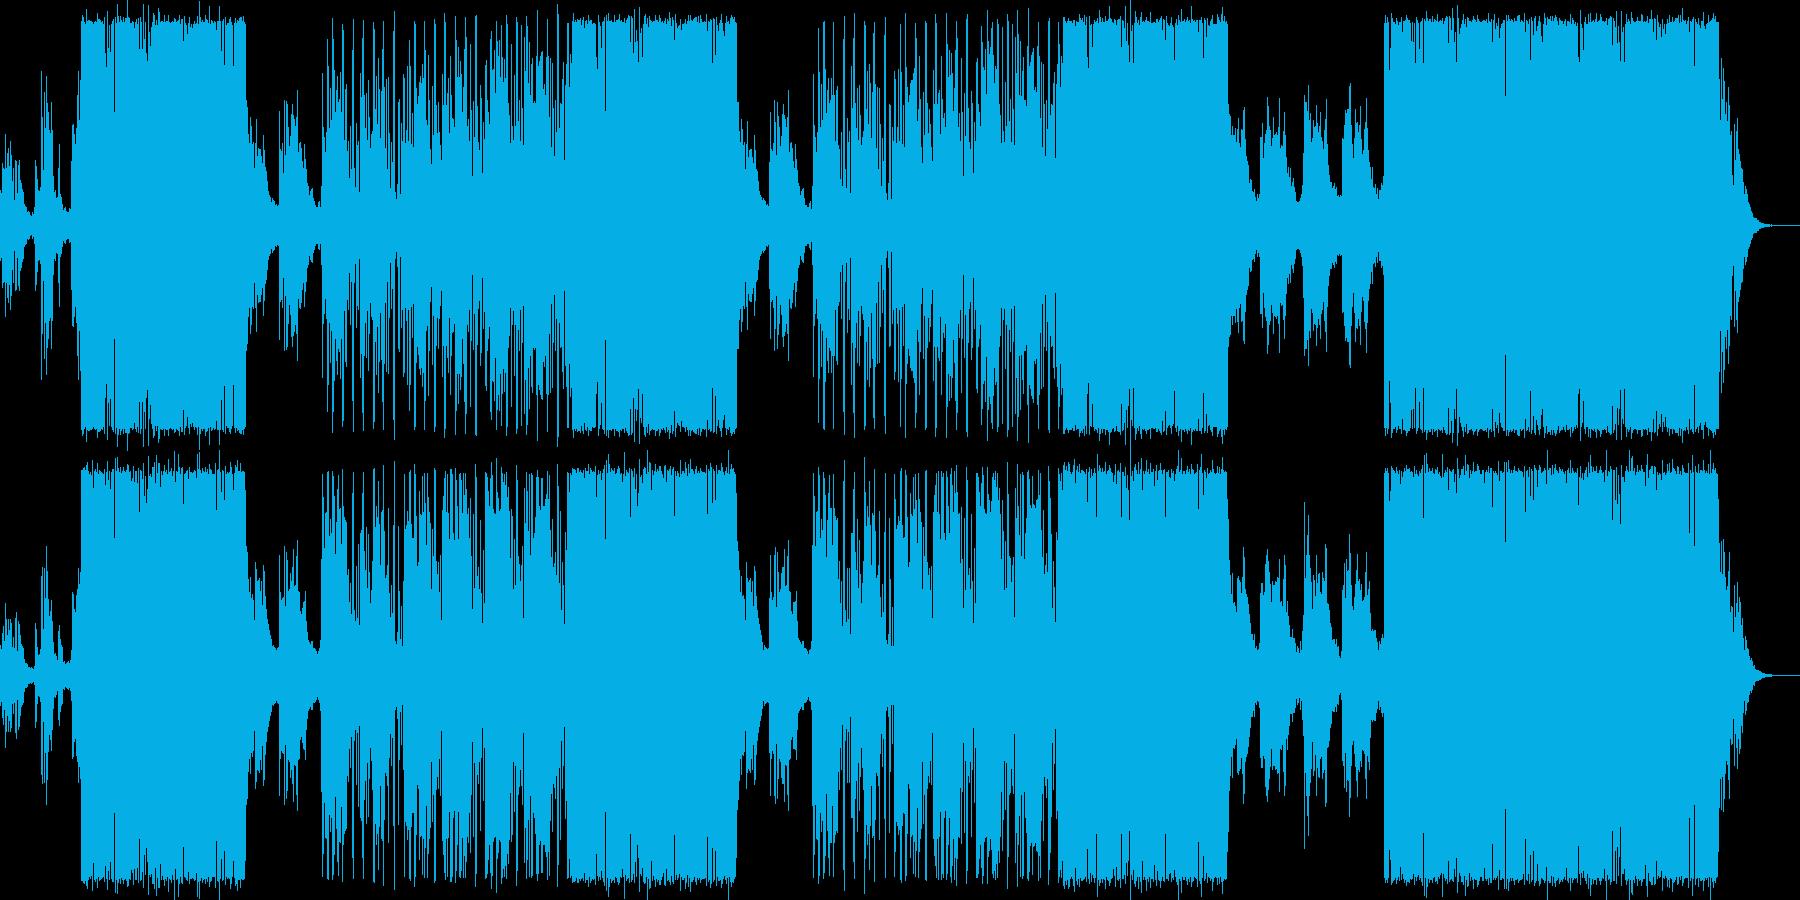 大人な女性ボーカル/ピアノお洒落ビートの再生済みの波形